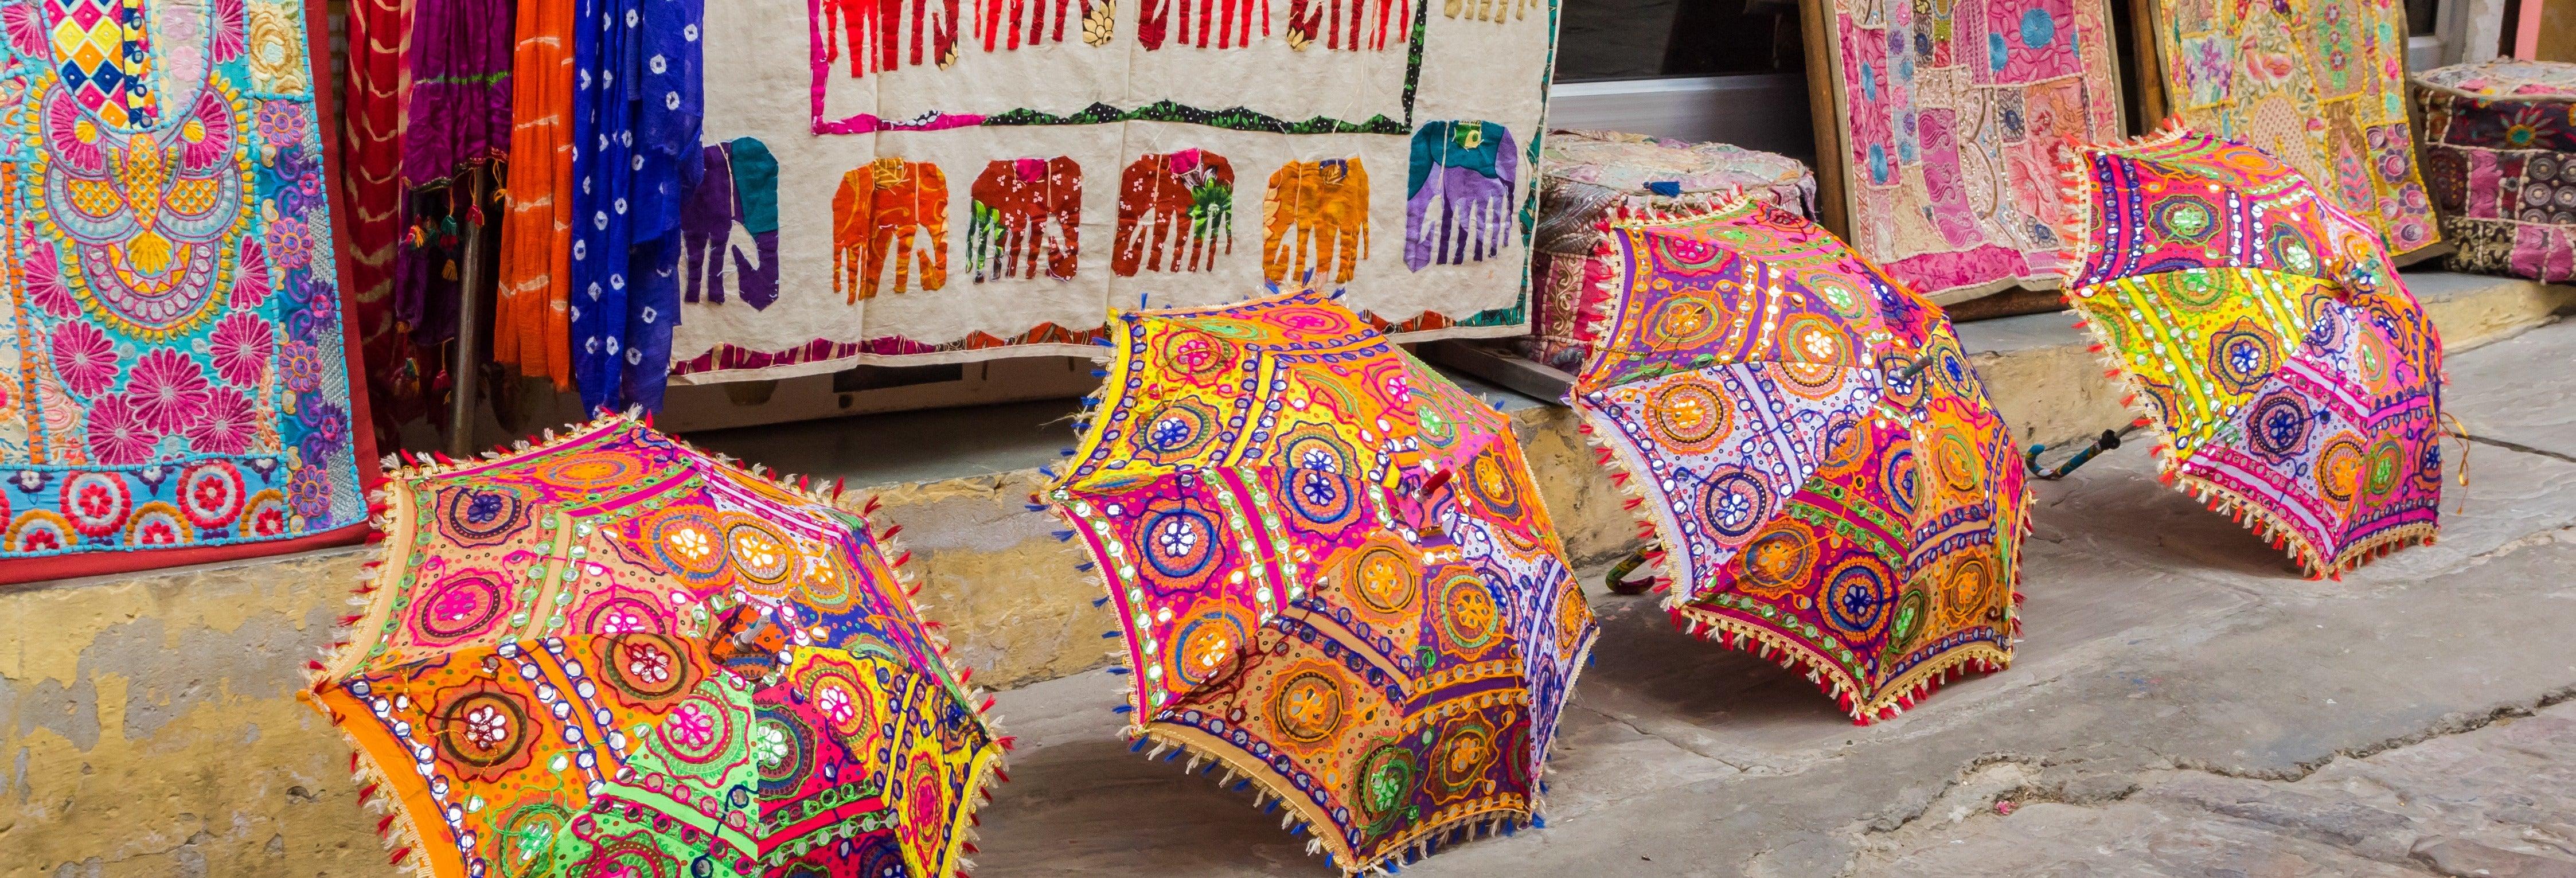 Tour por los bazares de Jaipur